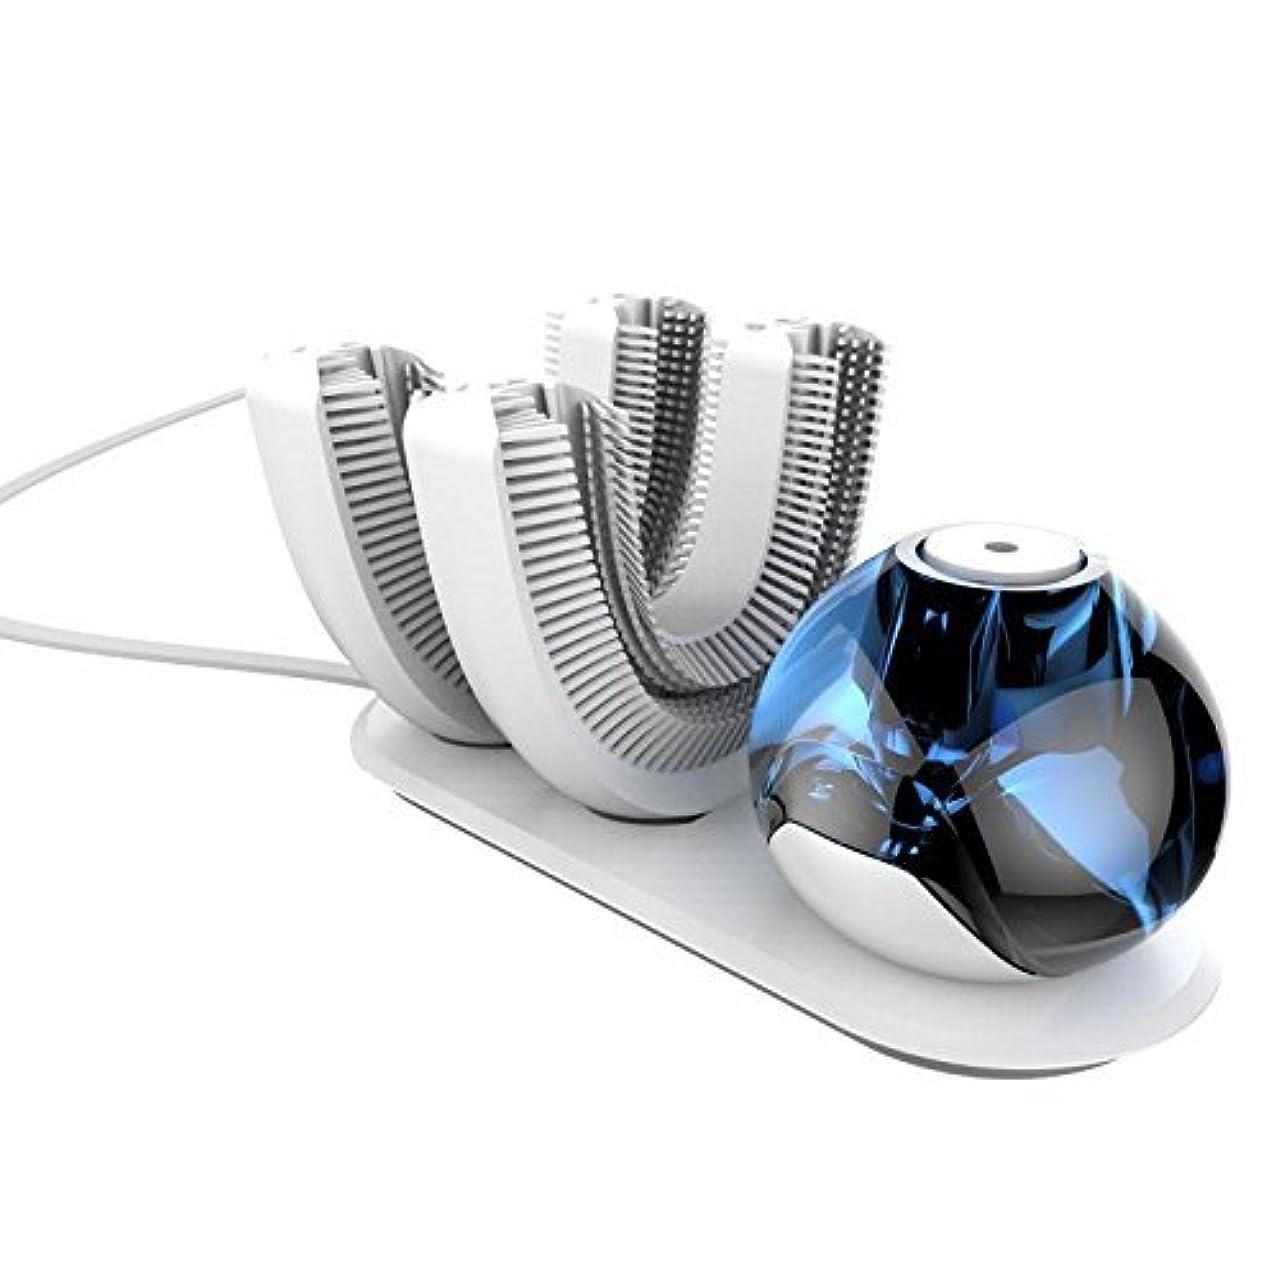 ばかげた横向き失望させる怠け者牙刷-電動 U型 超音波 専門370°全方位 自動歯ブラシ ワイヤレス充電 成人 怠け者 ユニークなU字型のマウスピース わずか10秒で歯磨き 自動バブル 2本の歯ブラシヘッド付き あなたの手を解放 磁気吸引接続...